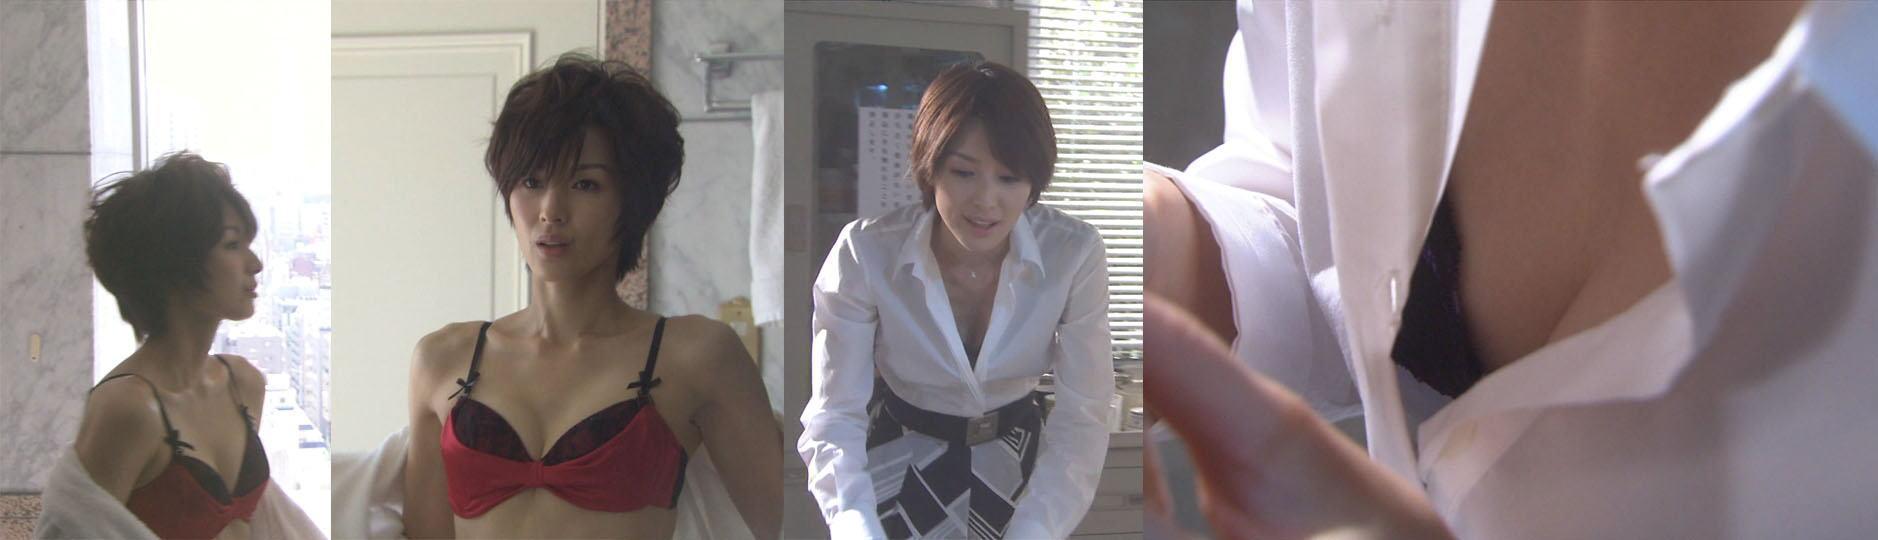 吉瀬美智子の胸チラおっぱい